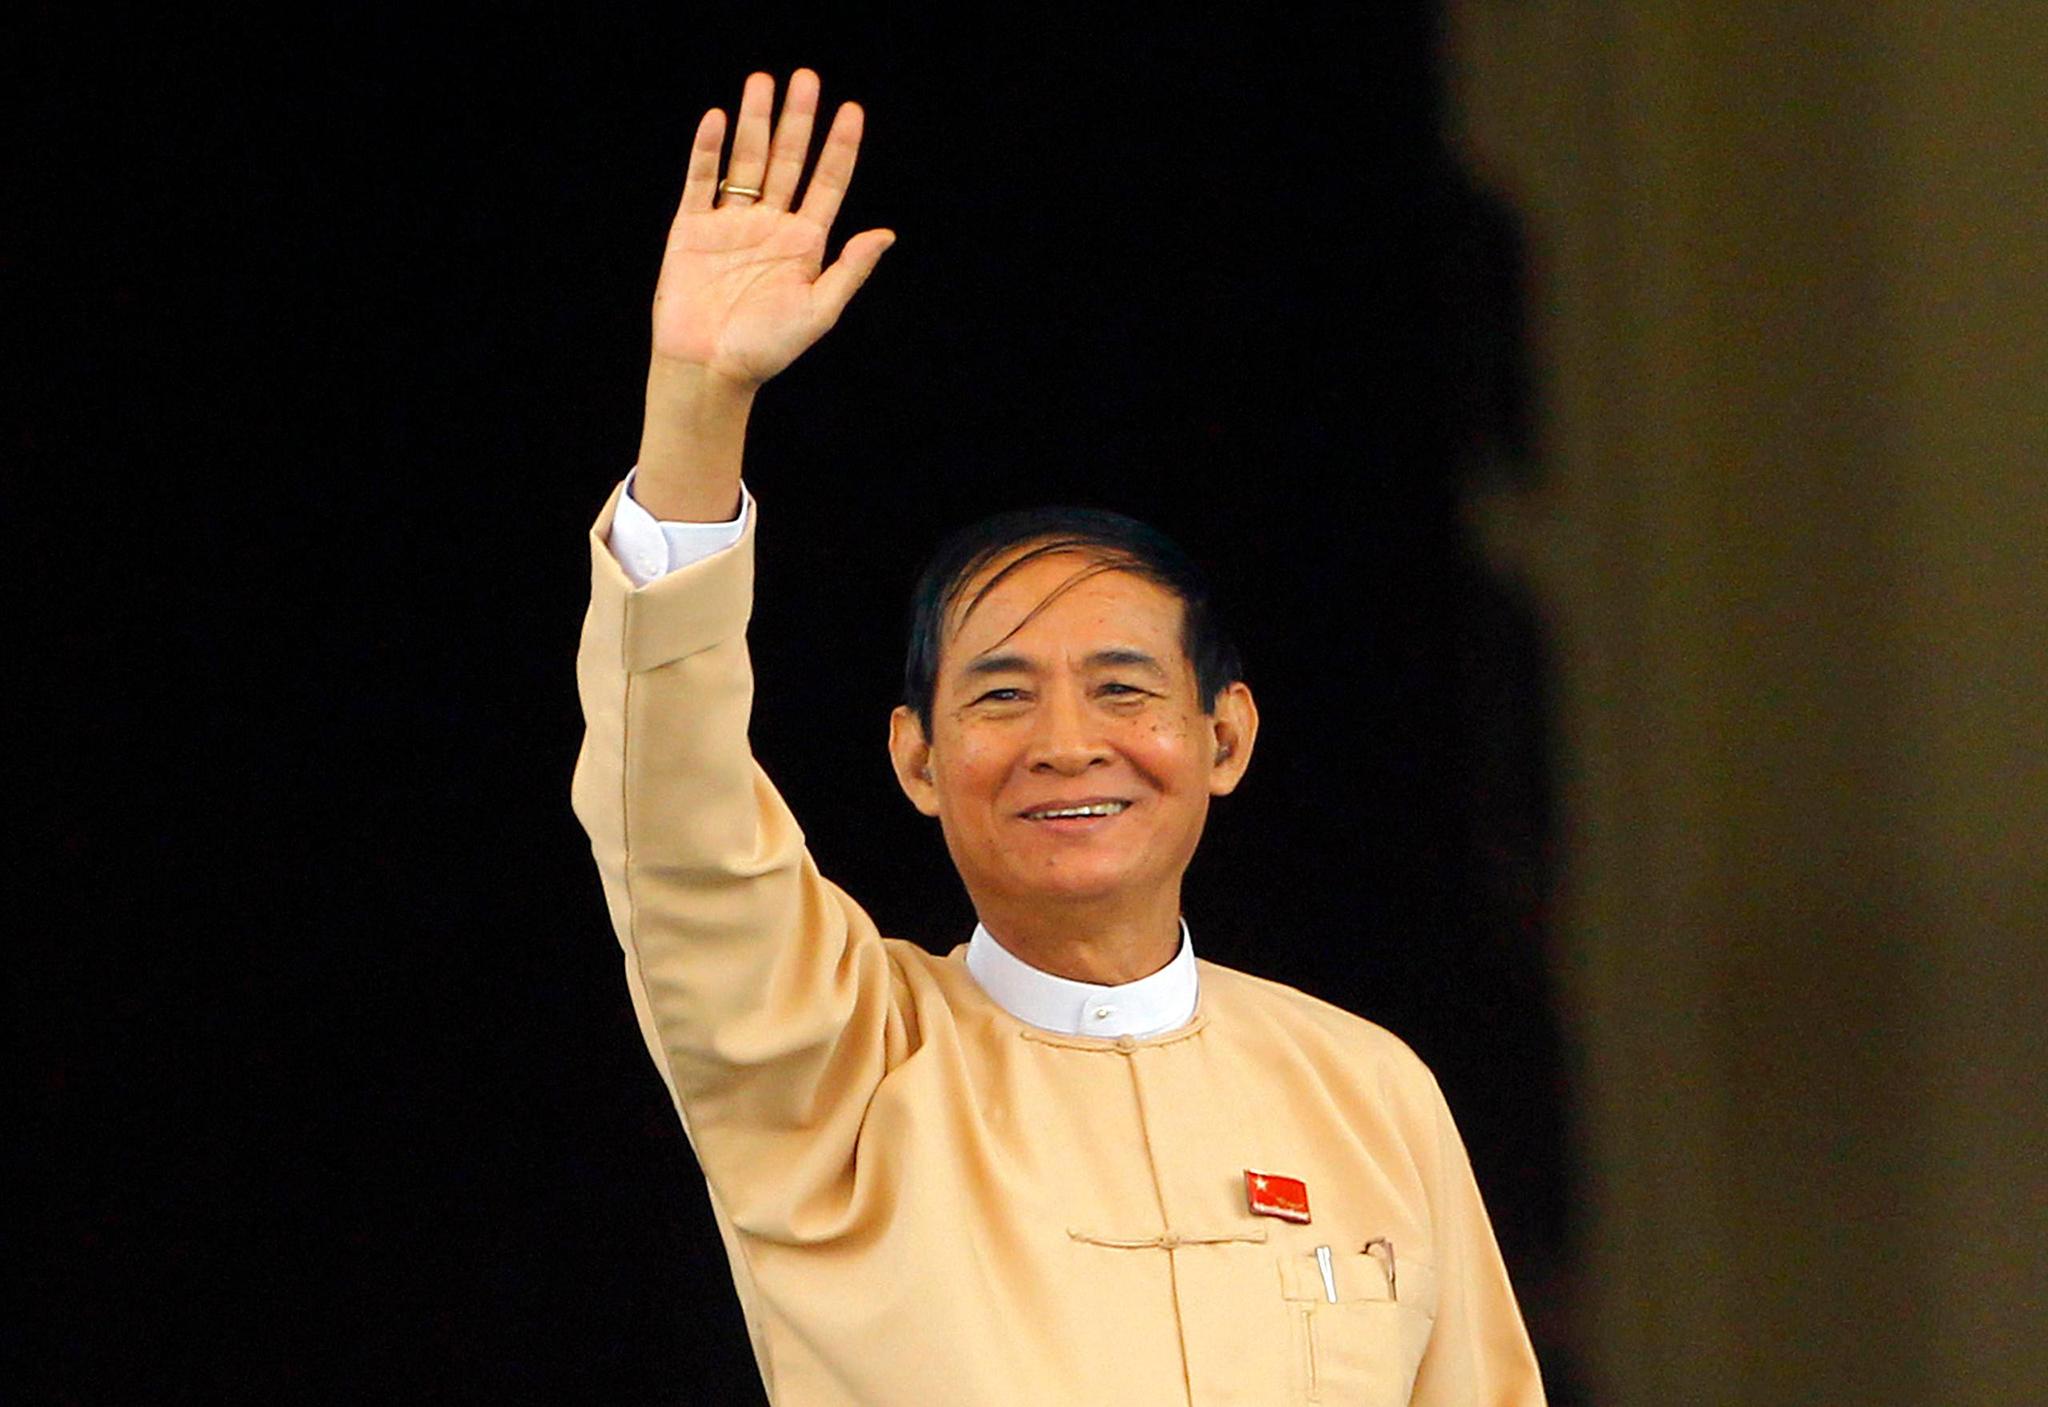 Birmânia | Presidente anuncia amnistia que liberta mais de 8000 presos